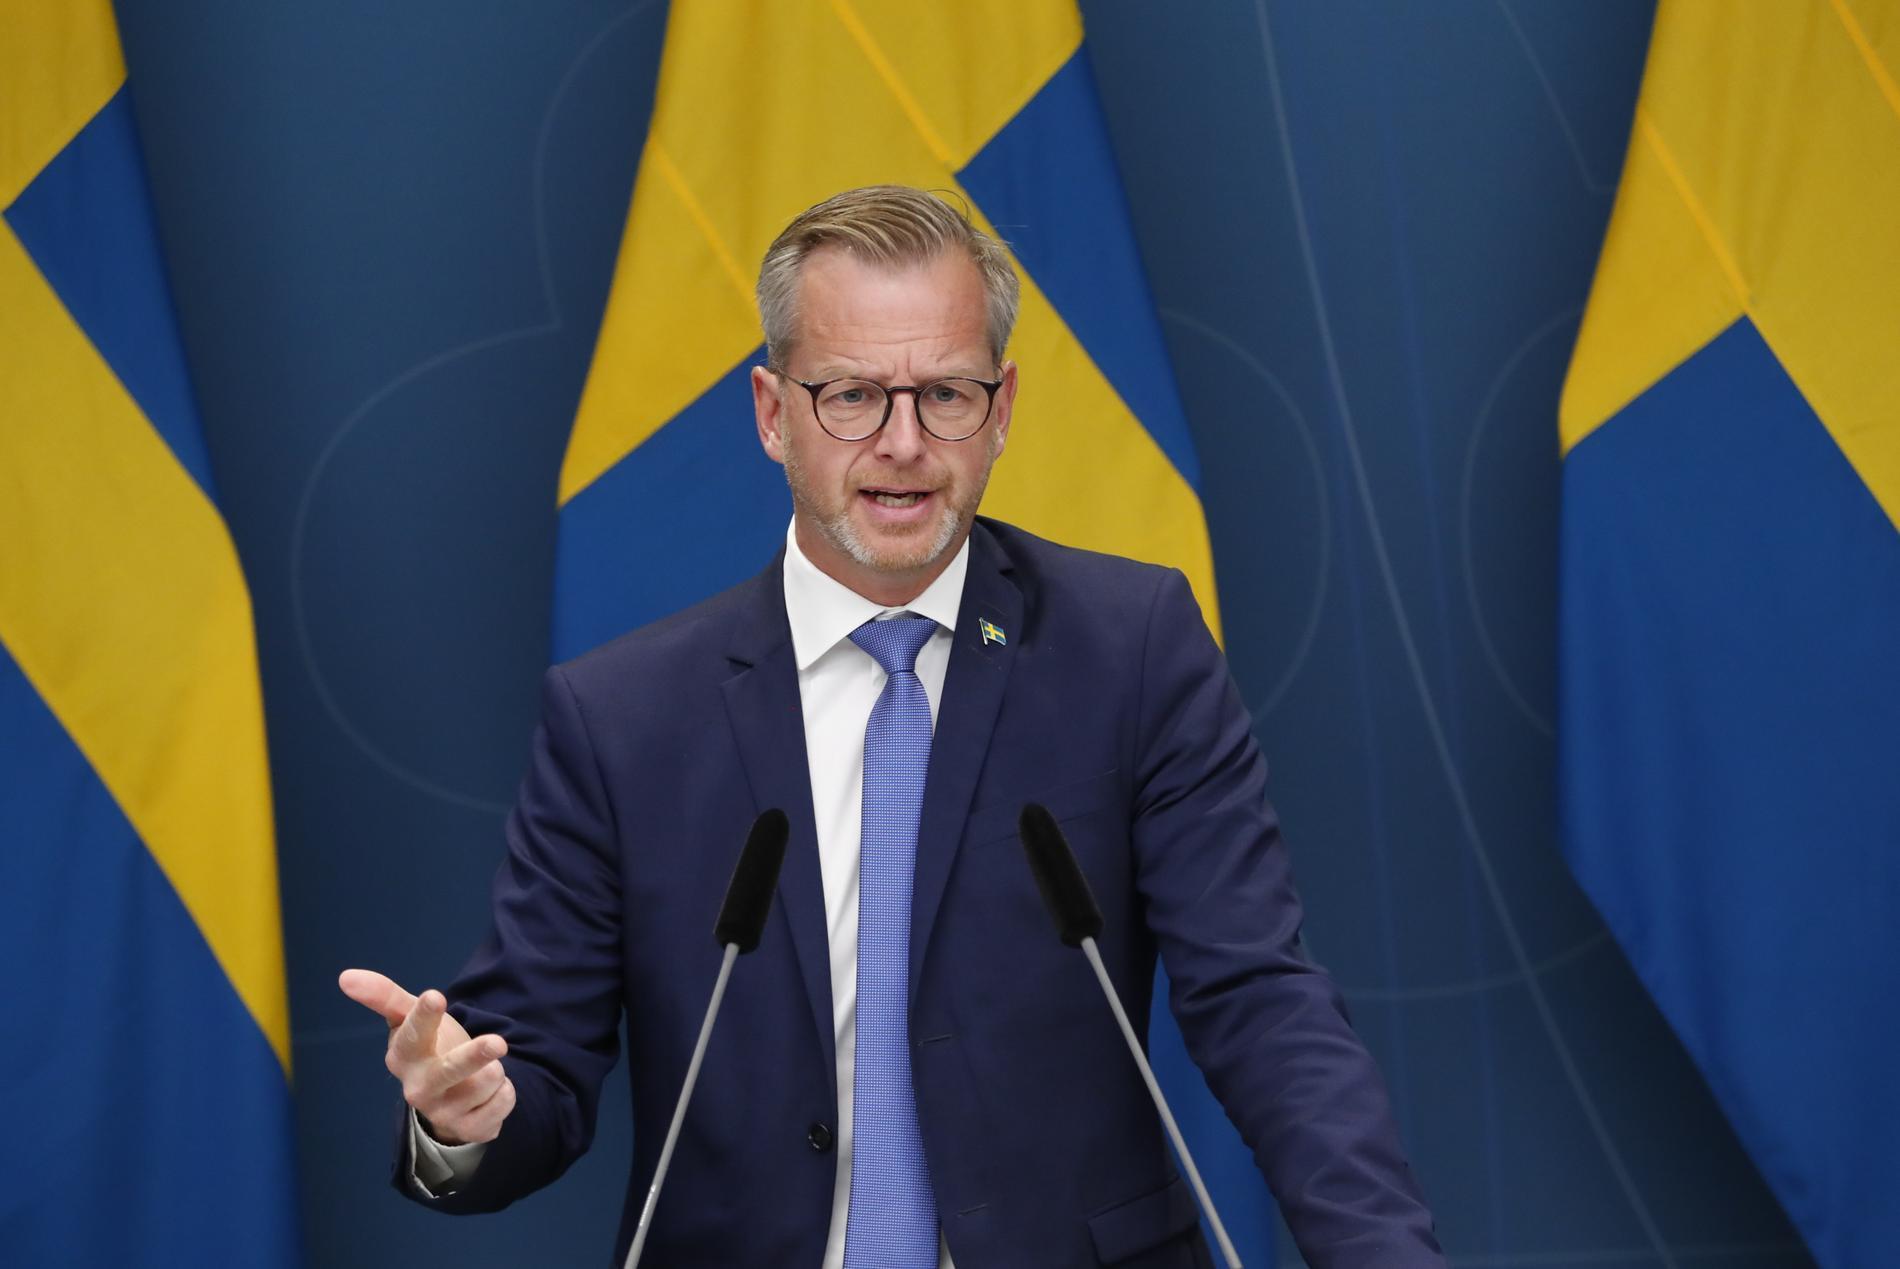 Inrikesminister Mikael Damberg under onsdagens pressträff om utredningen om datalagring för brottsvekämpning.